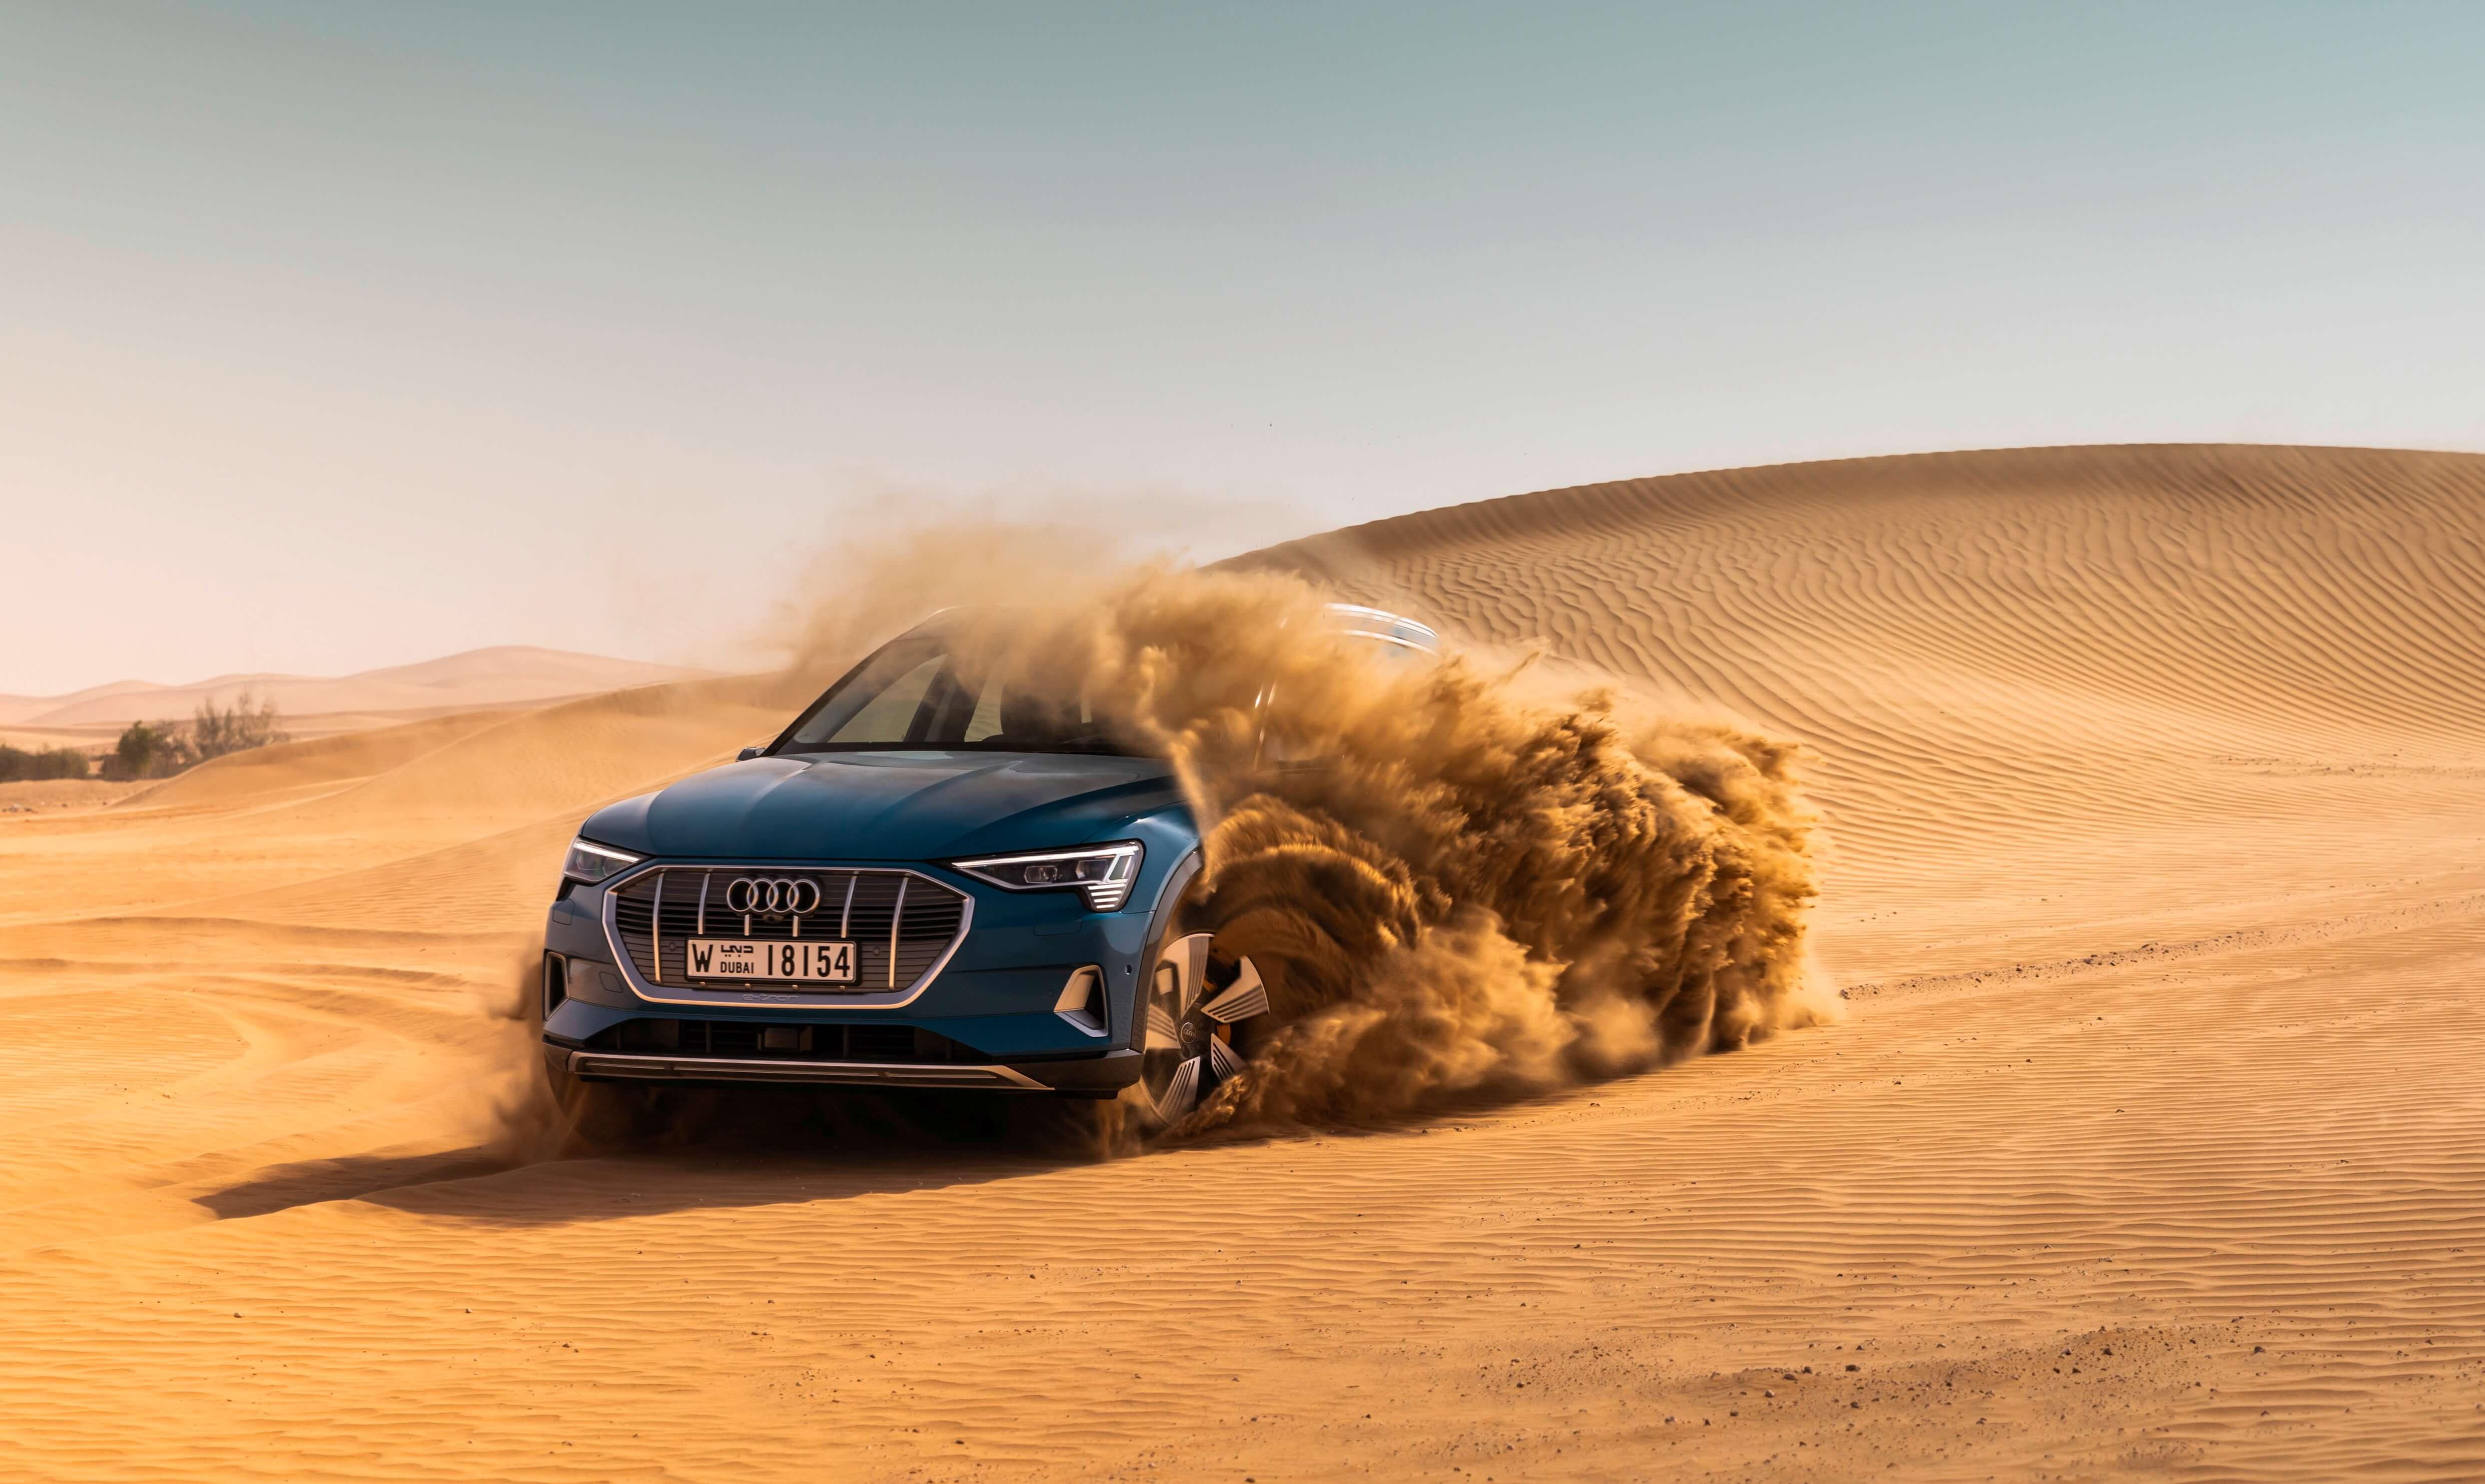 Audi e-tron Quattro. O modelo está a pré-venda no Brasil com desembarque agendado até maio de 2020. Autonomia de 417 km. Carro 100% eletrico com tração integral. Preço a partir de R$ 459.990,00.